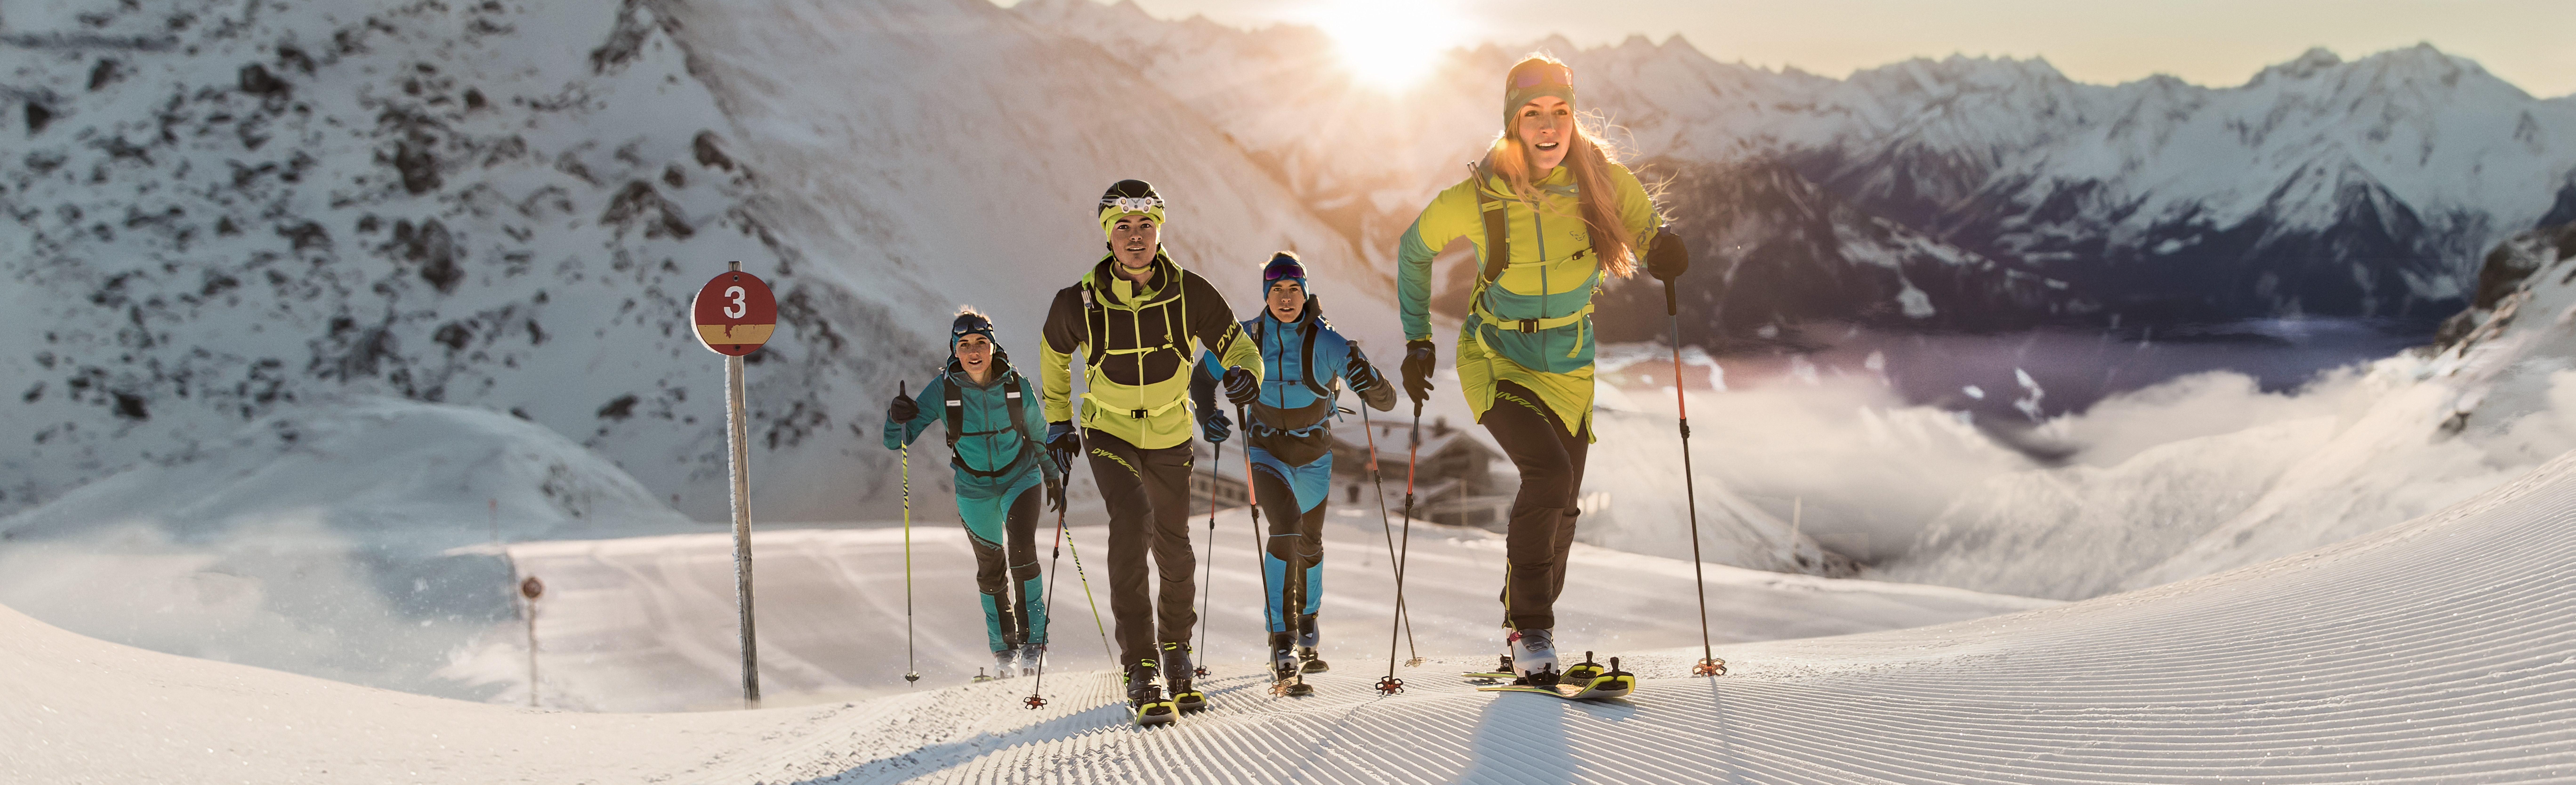 Skialp: časť prvá, skialpové lyže